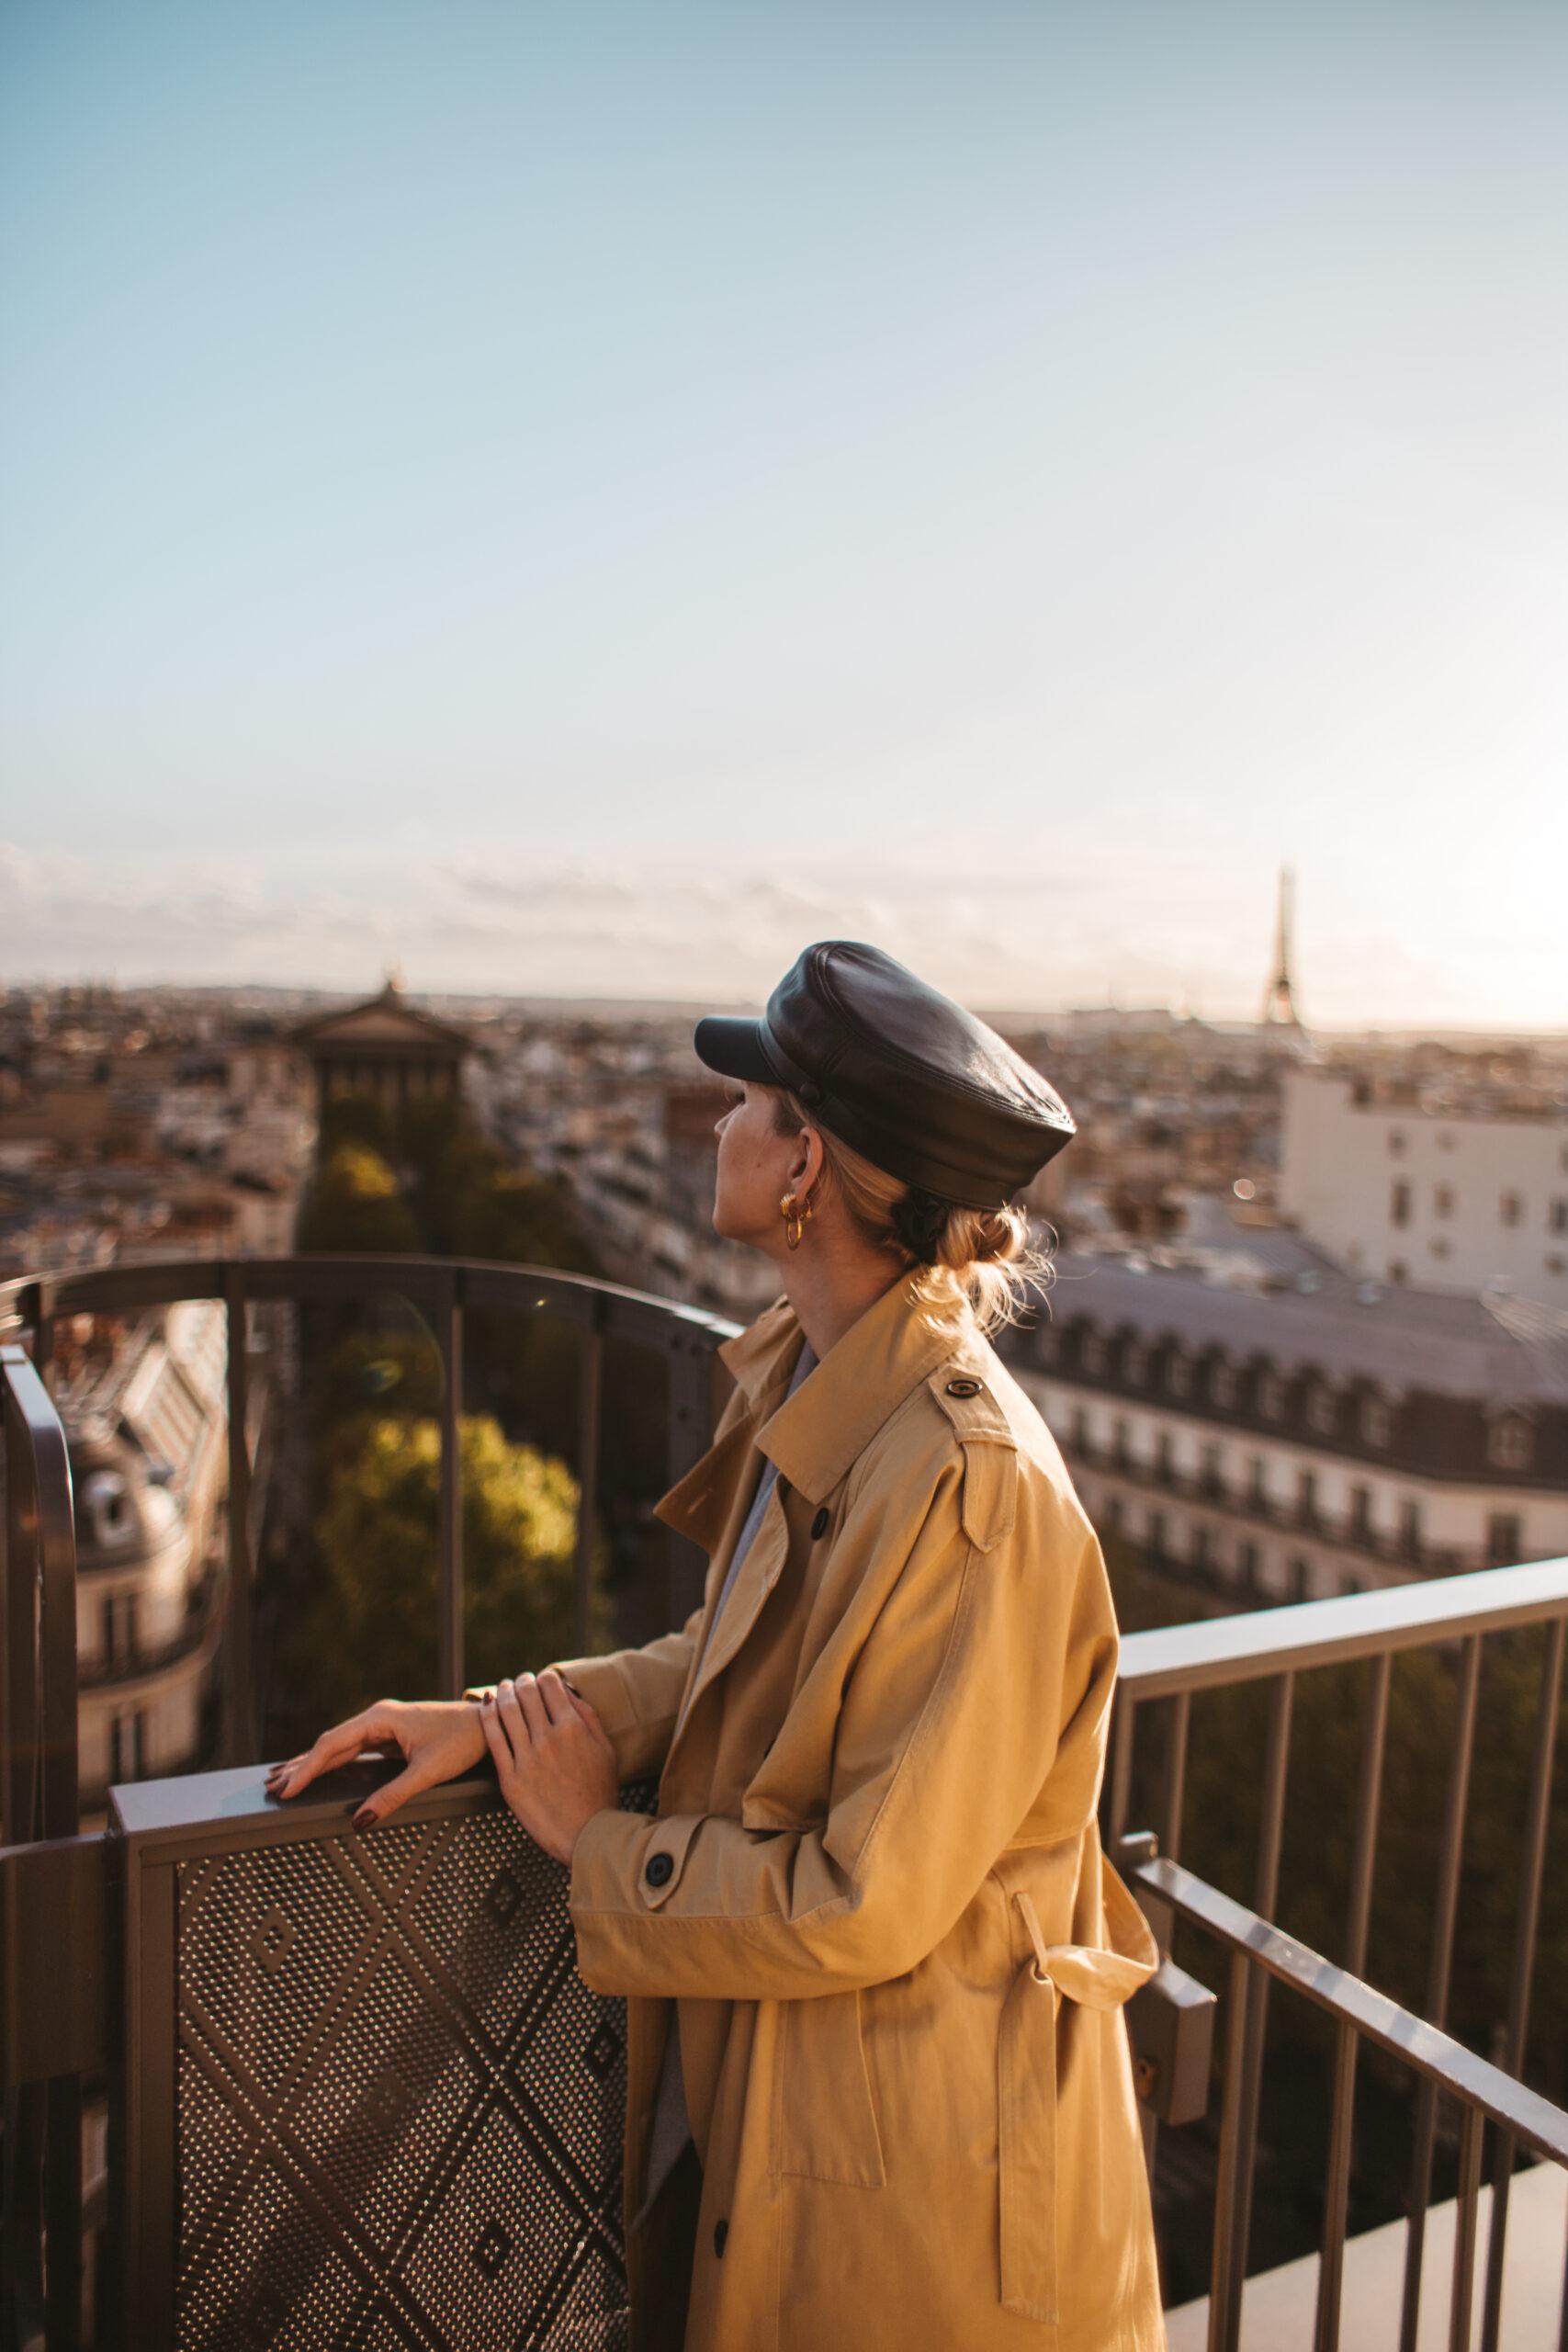 Printemps, Paris, 9 arrondissement, 9 dzielnica Paryża, dachy paryża, Iron Lady, Wieża Eiffla, widok na wieżę Eiffla, paris rooftop